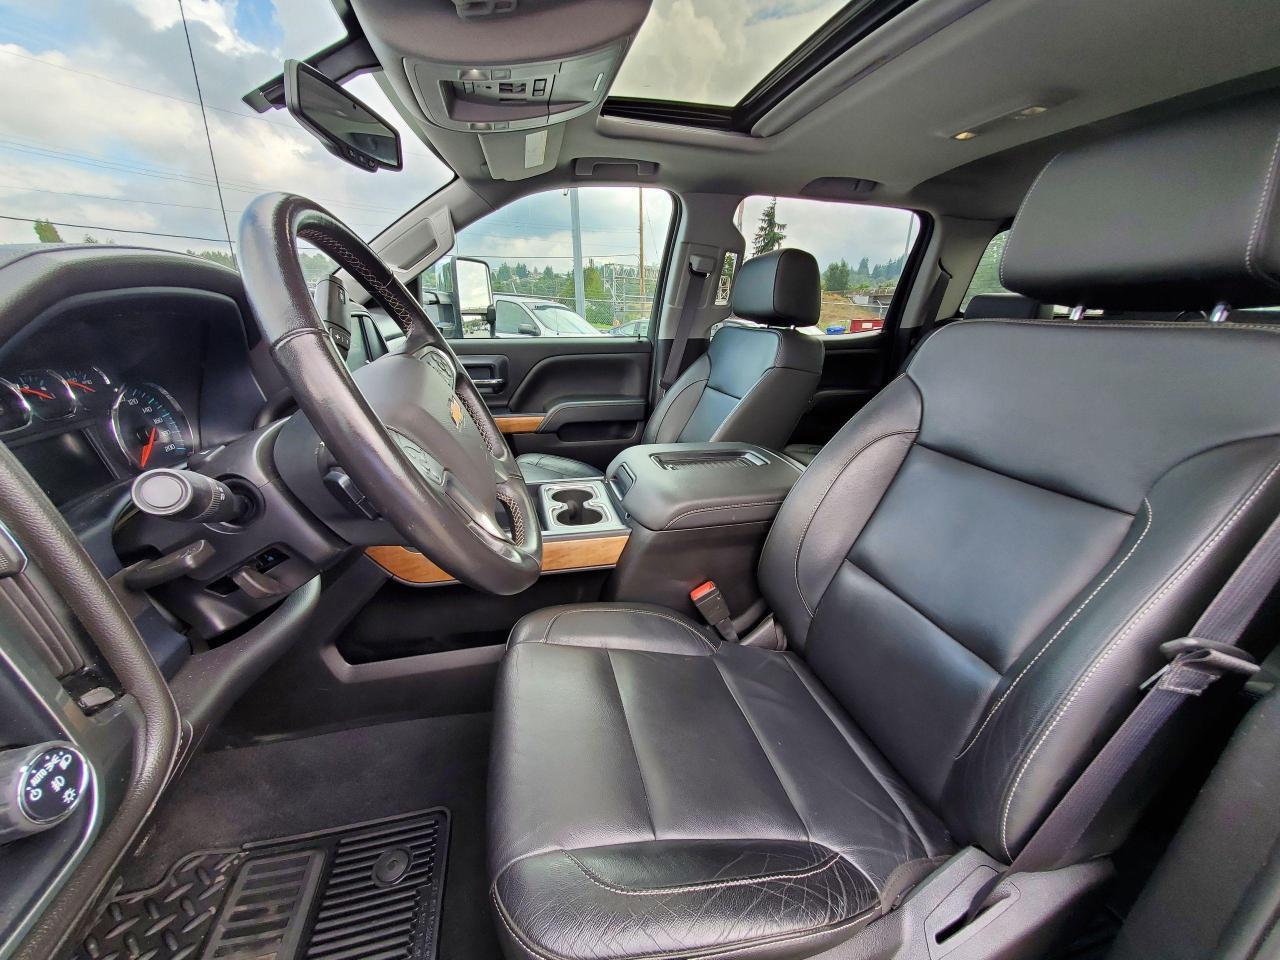 2019 Chevrolet Silverado 3500